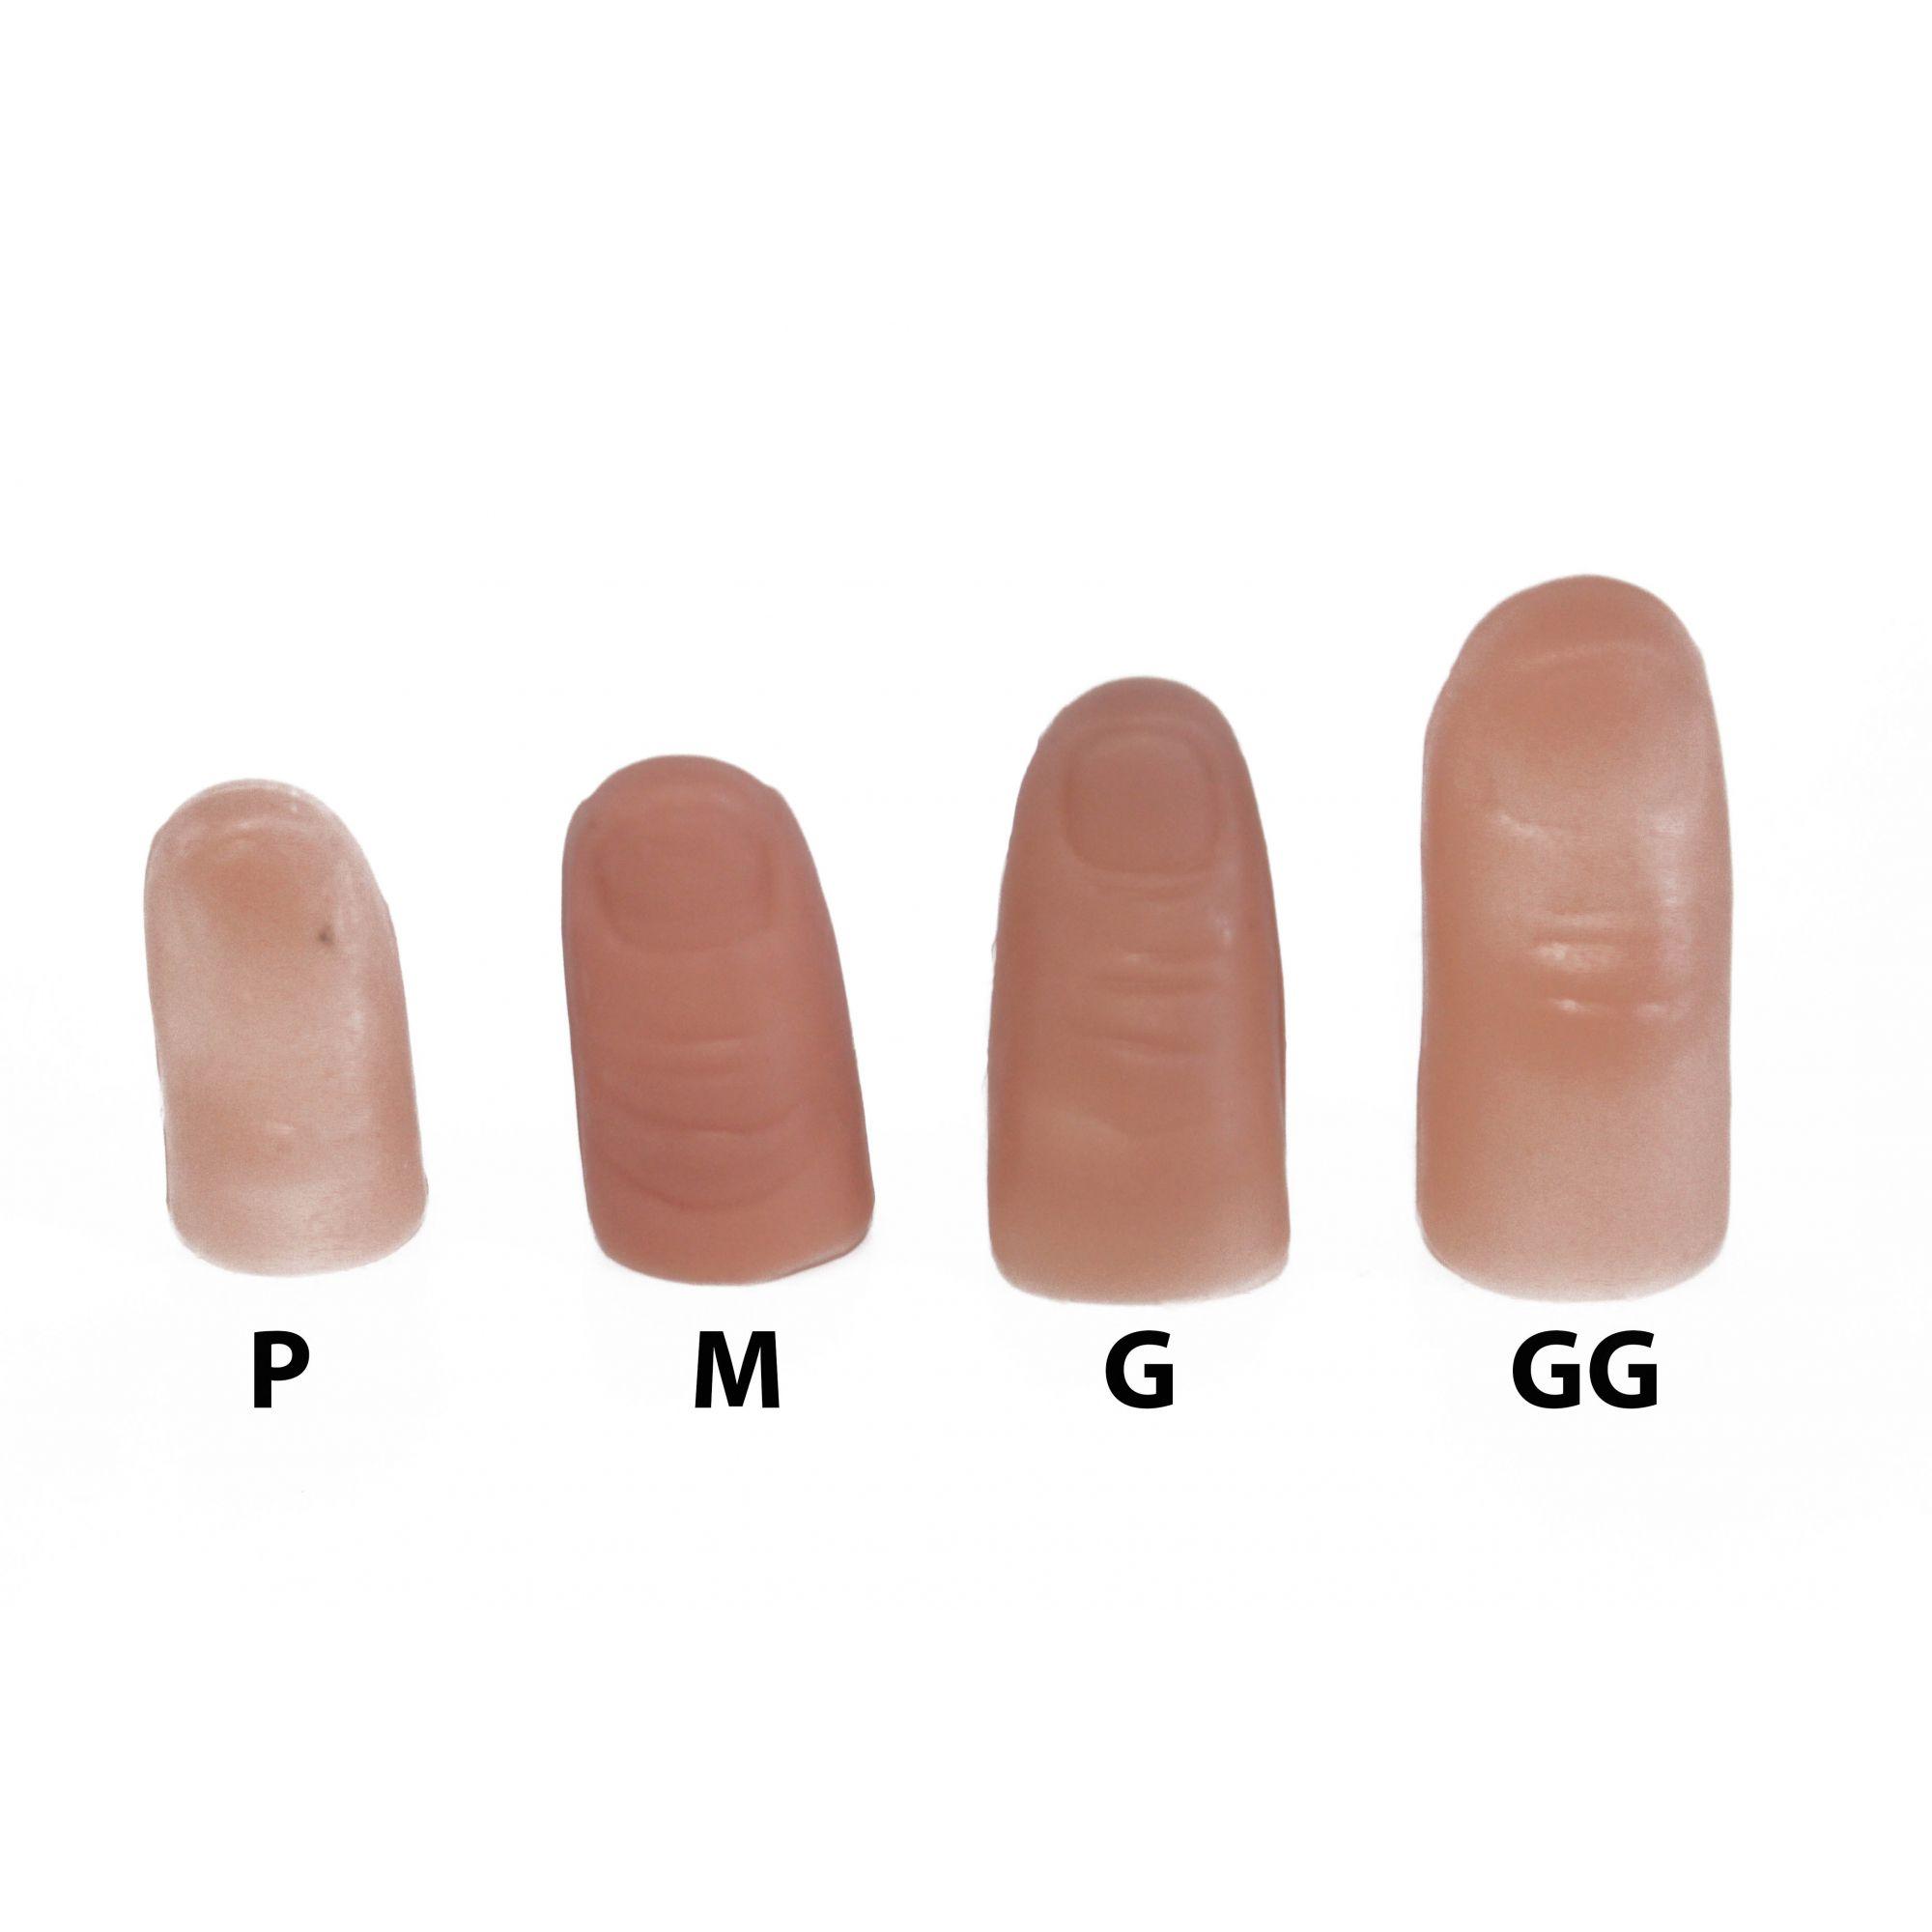 Dedeira Tamanho P, falso polegar pequeno Thumb Tip - Tamanho Infantil R+